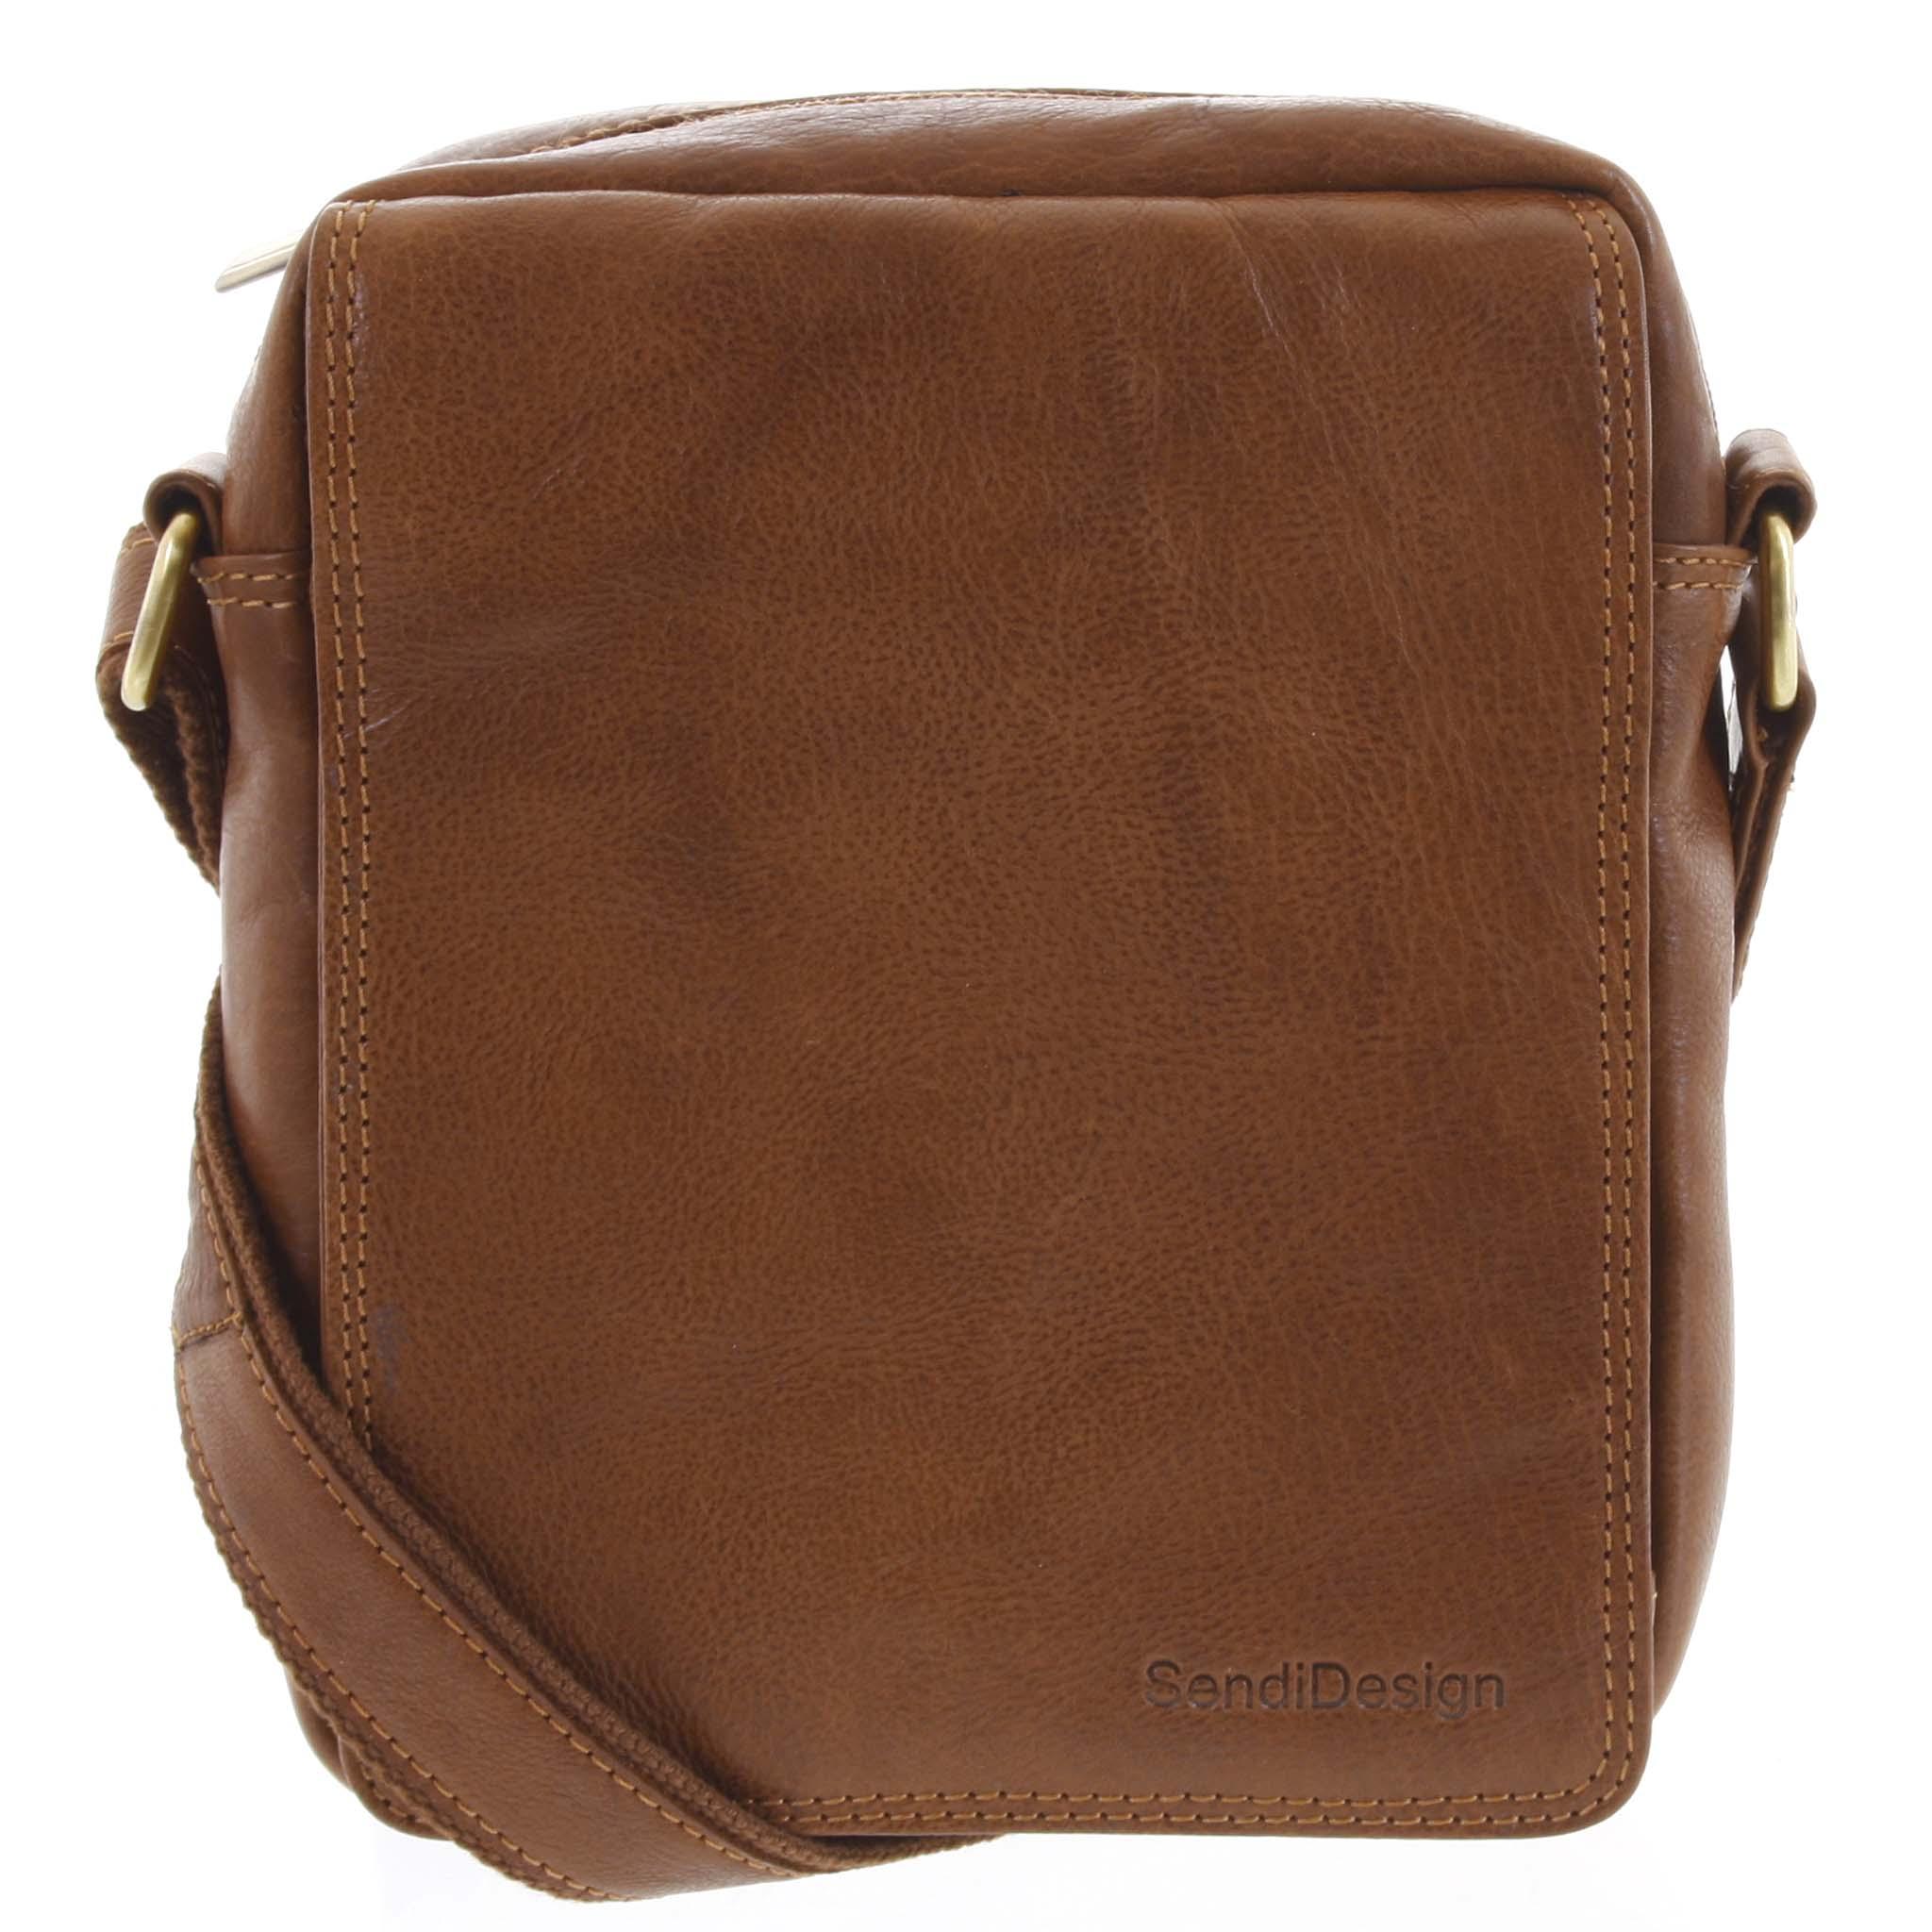 Pánská kožená taška hnědá - SendiDesign Lorem